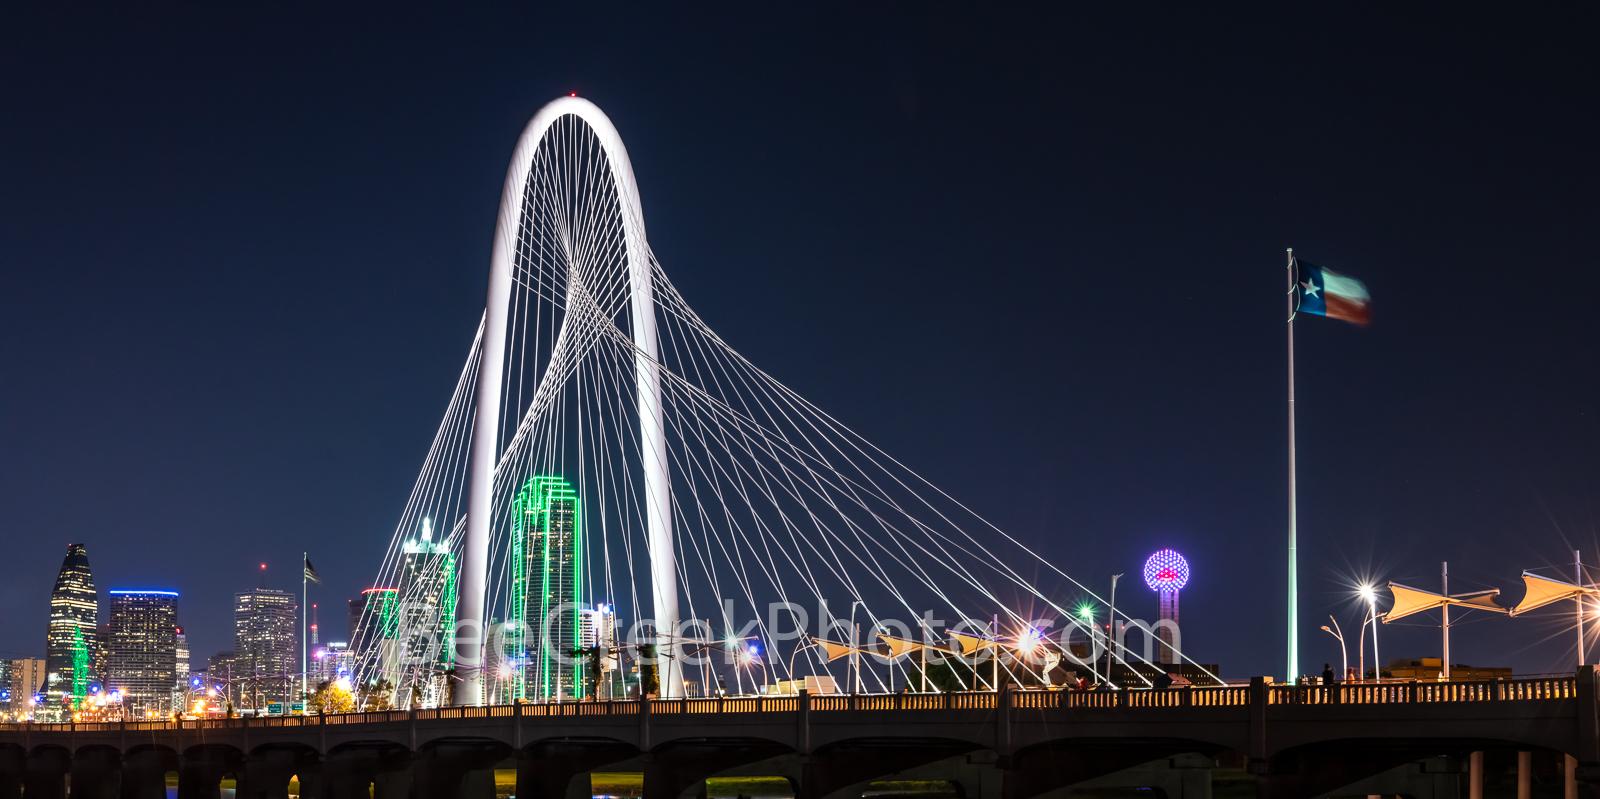 Margaret Hunt Hill Bridge, night, dallas skyline, Dallas pictures, continental bridge, ron kirk bridge, hunt hill bridge, pedestrian bridge, Reunion Tower, bank of america, image of dallas, dallas pho, photo